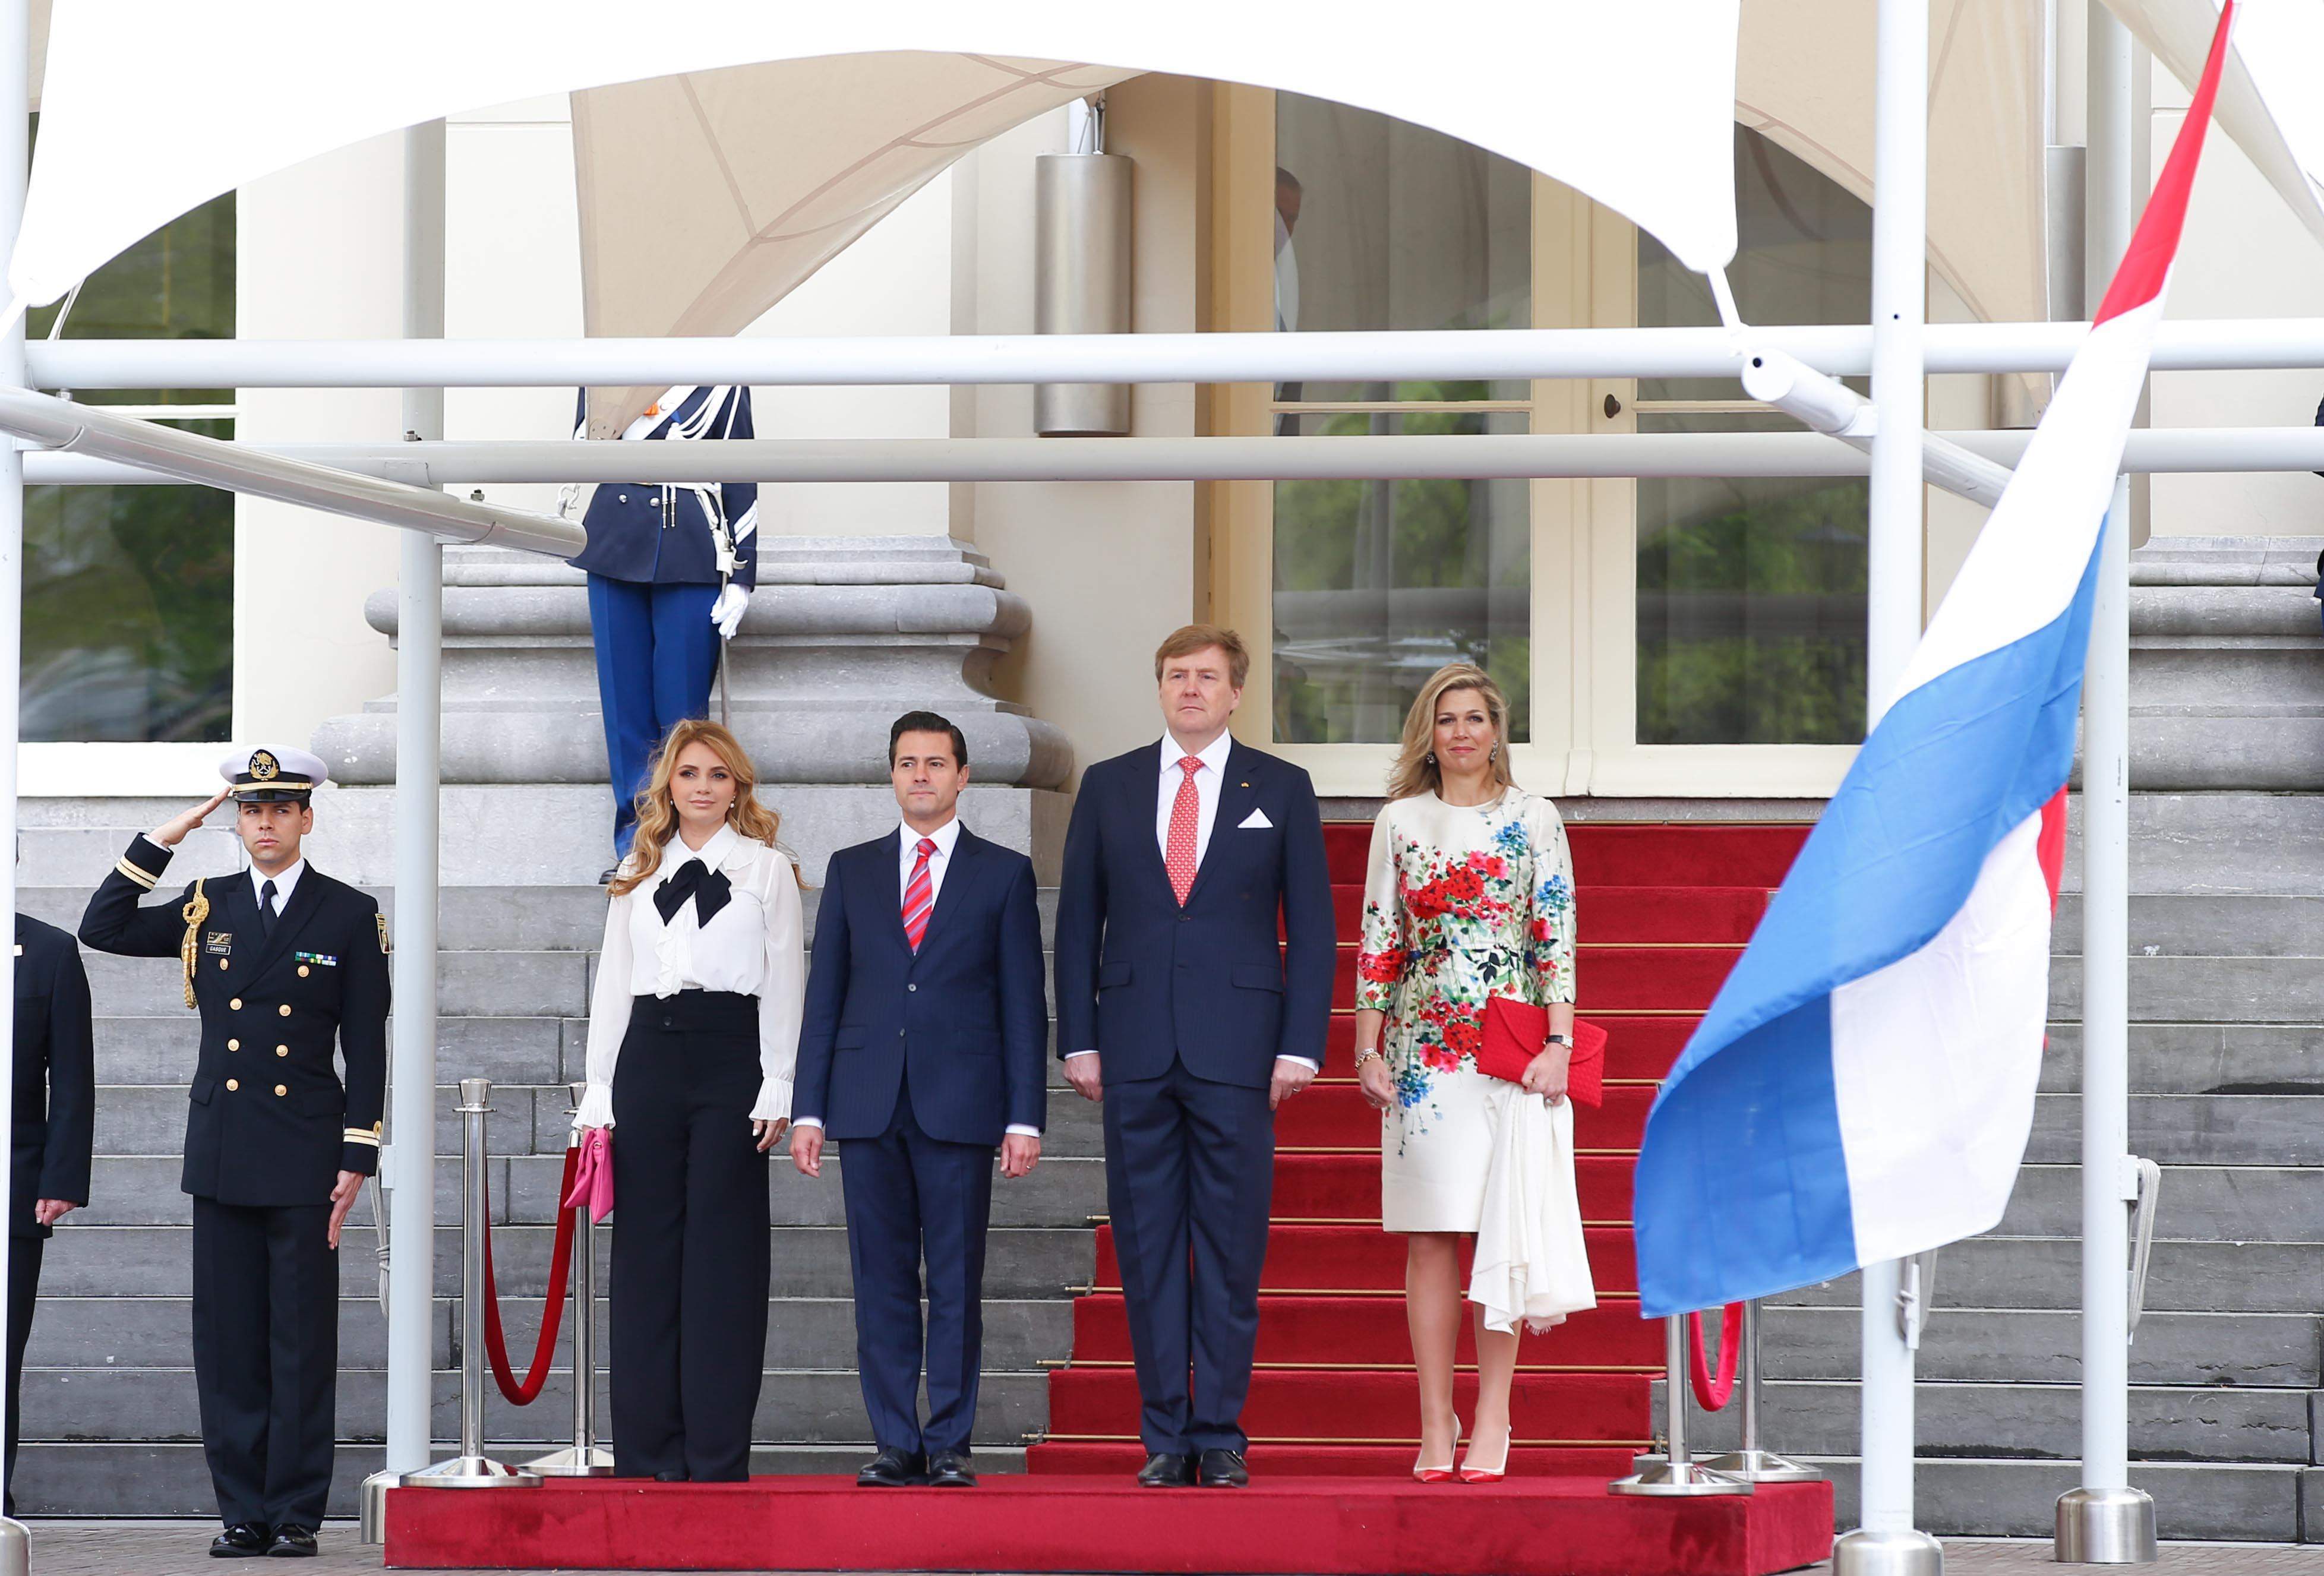 El Presidente de la República, Enrique Peña Nieto, concluyó su primera Visita Oficial al Reino de los Países Bajos, que realizó como parte de la gira de trabajo por Europa.